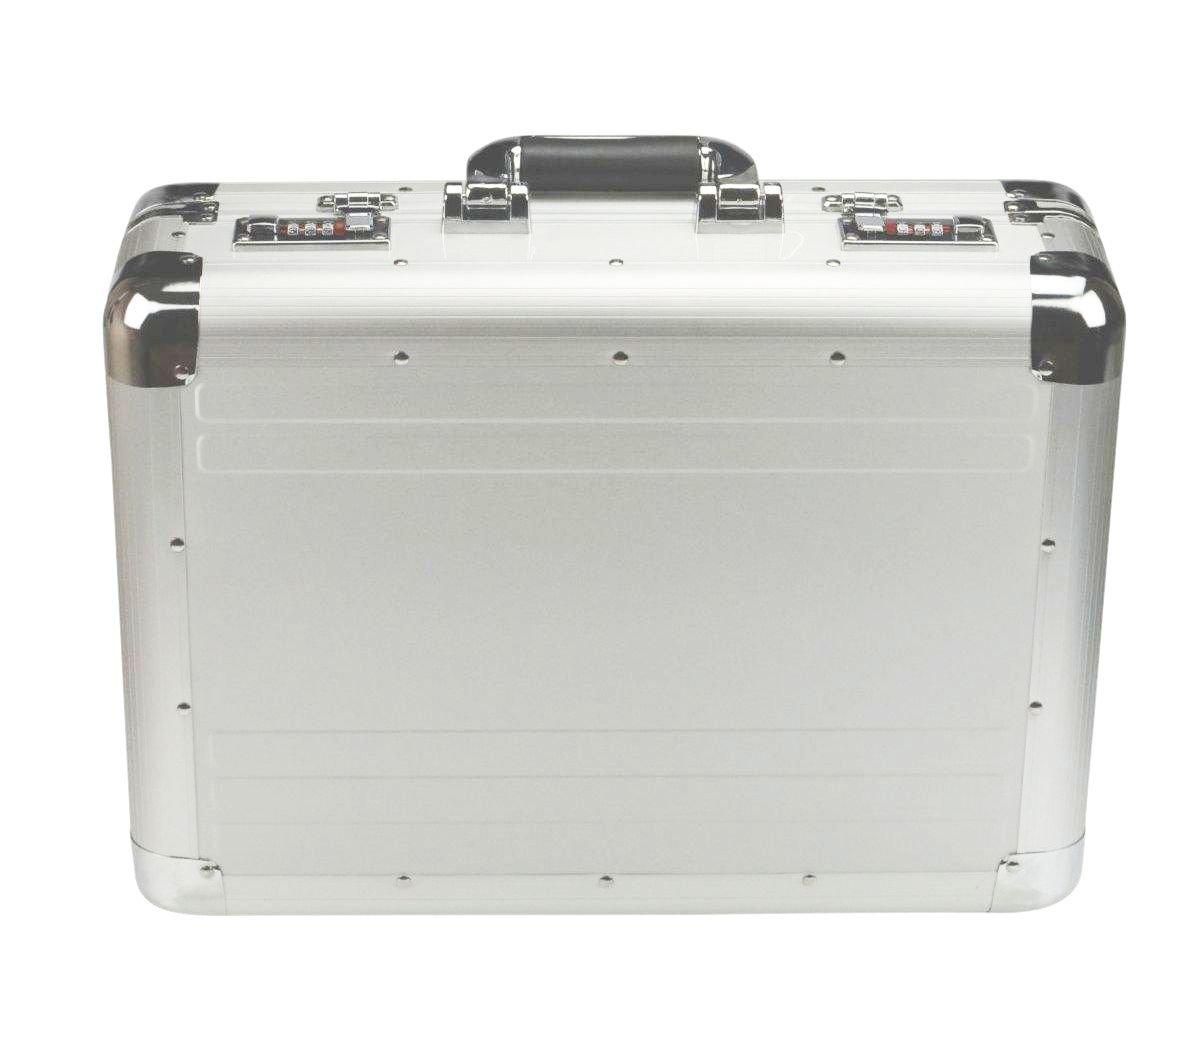 Alumaxx 45114 Mallette range-serviette Taurus 45, 3 x 33, 5 x 15 cm (Aluminium) (Import Allemagne) Taurus 45114